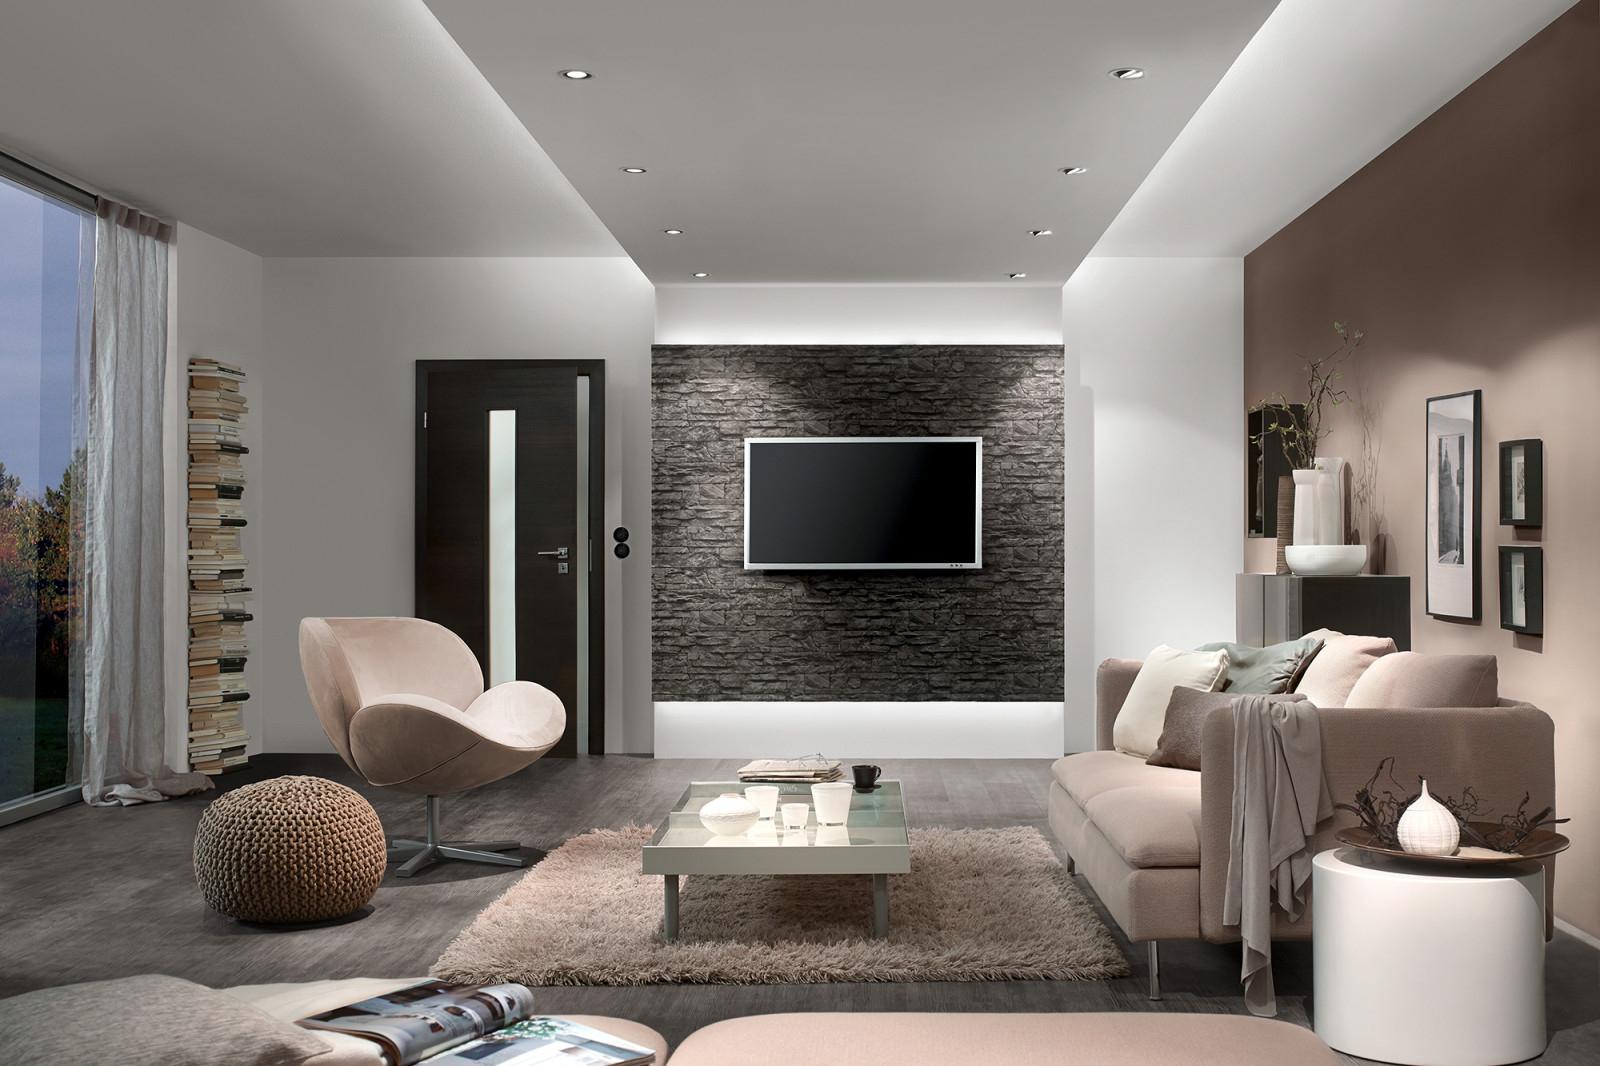 Räume Ausleuchten  Wie Viel Licht Braucht Mein Raum von Wohnzimmer Lampe Hell Bild